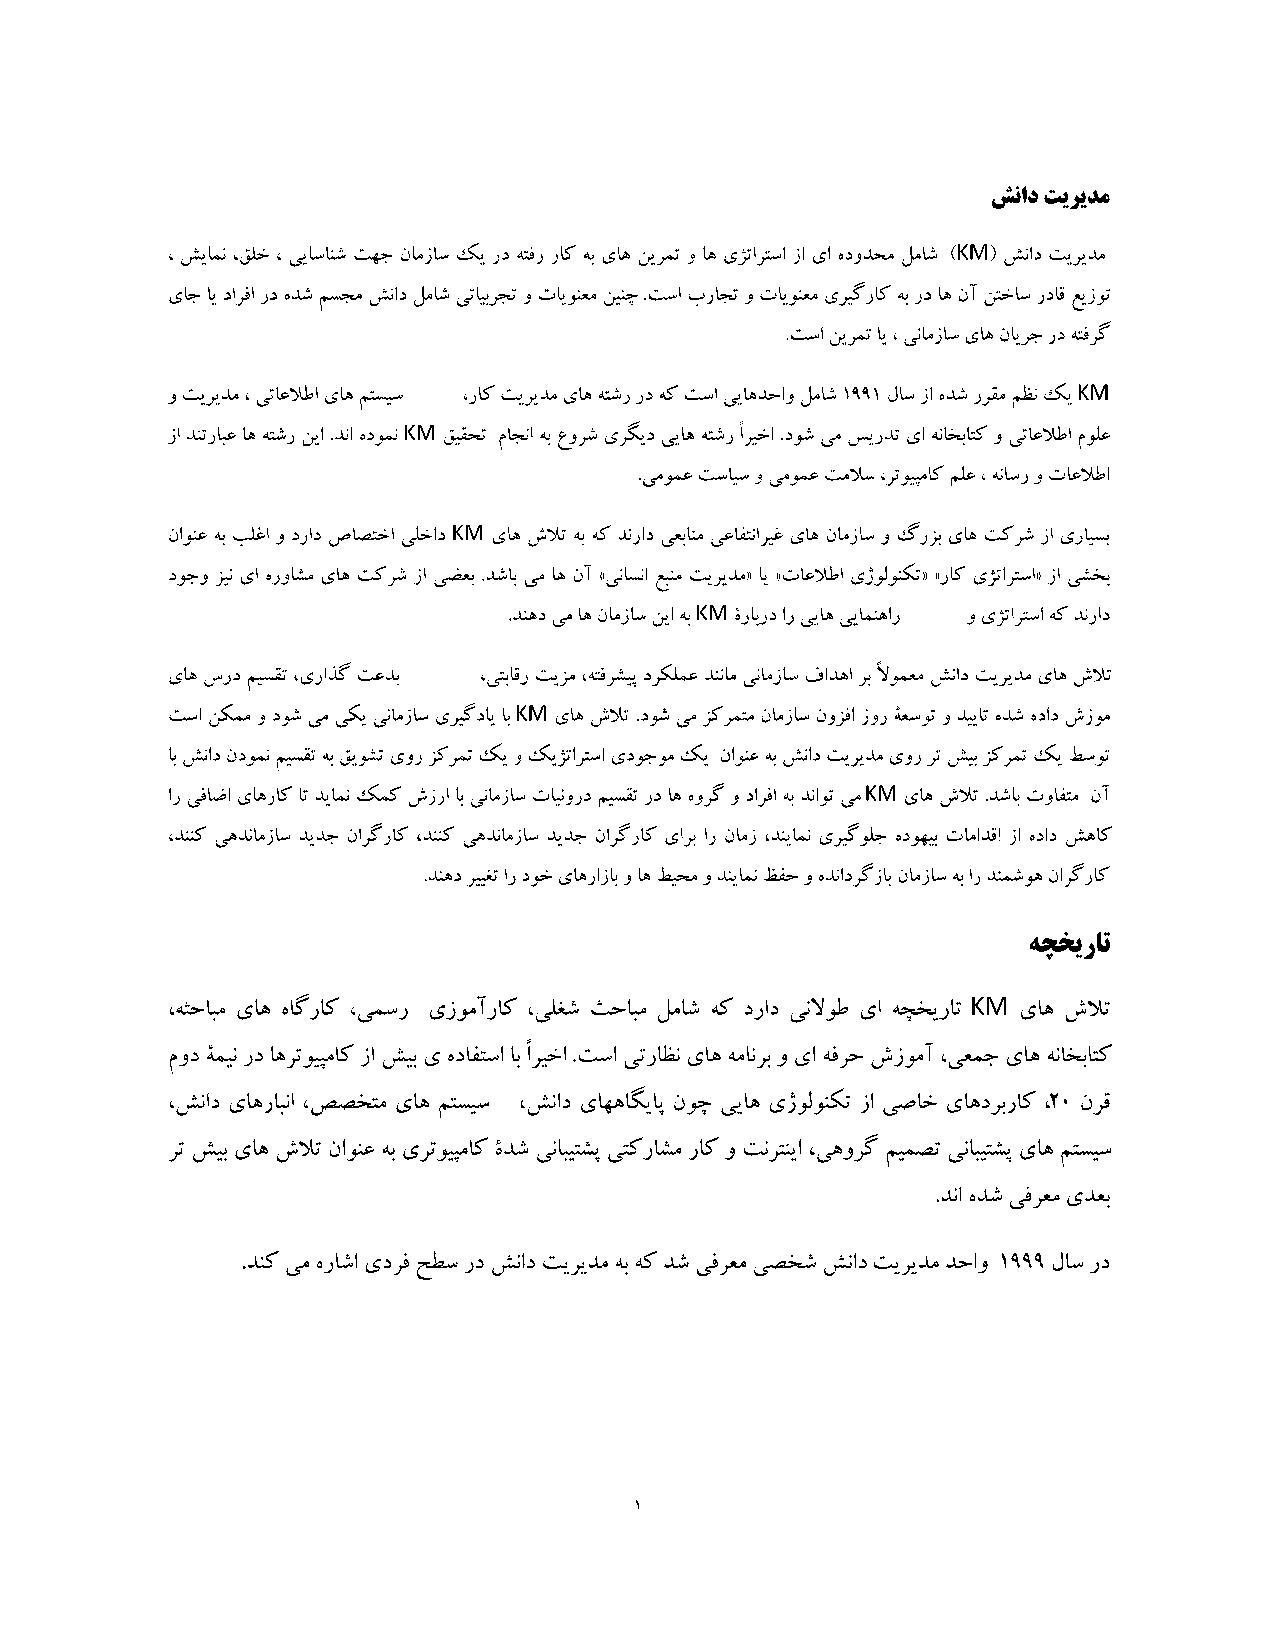 ترجمه مقاله و تحقیق - مدیریت دانش13